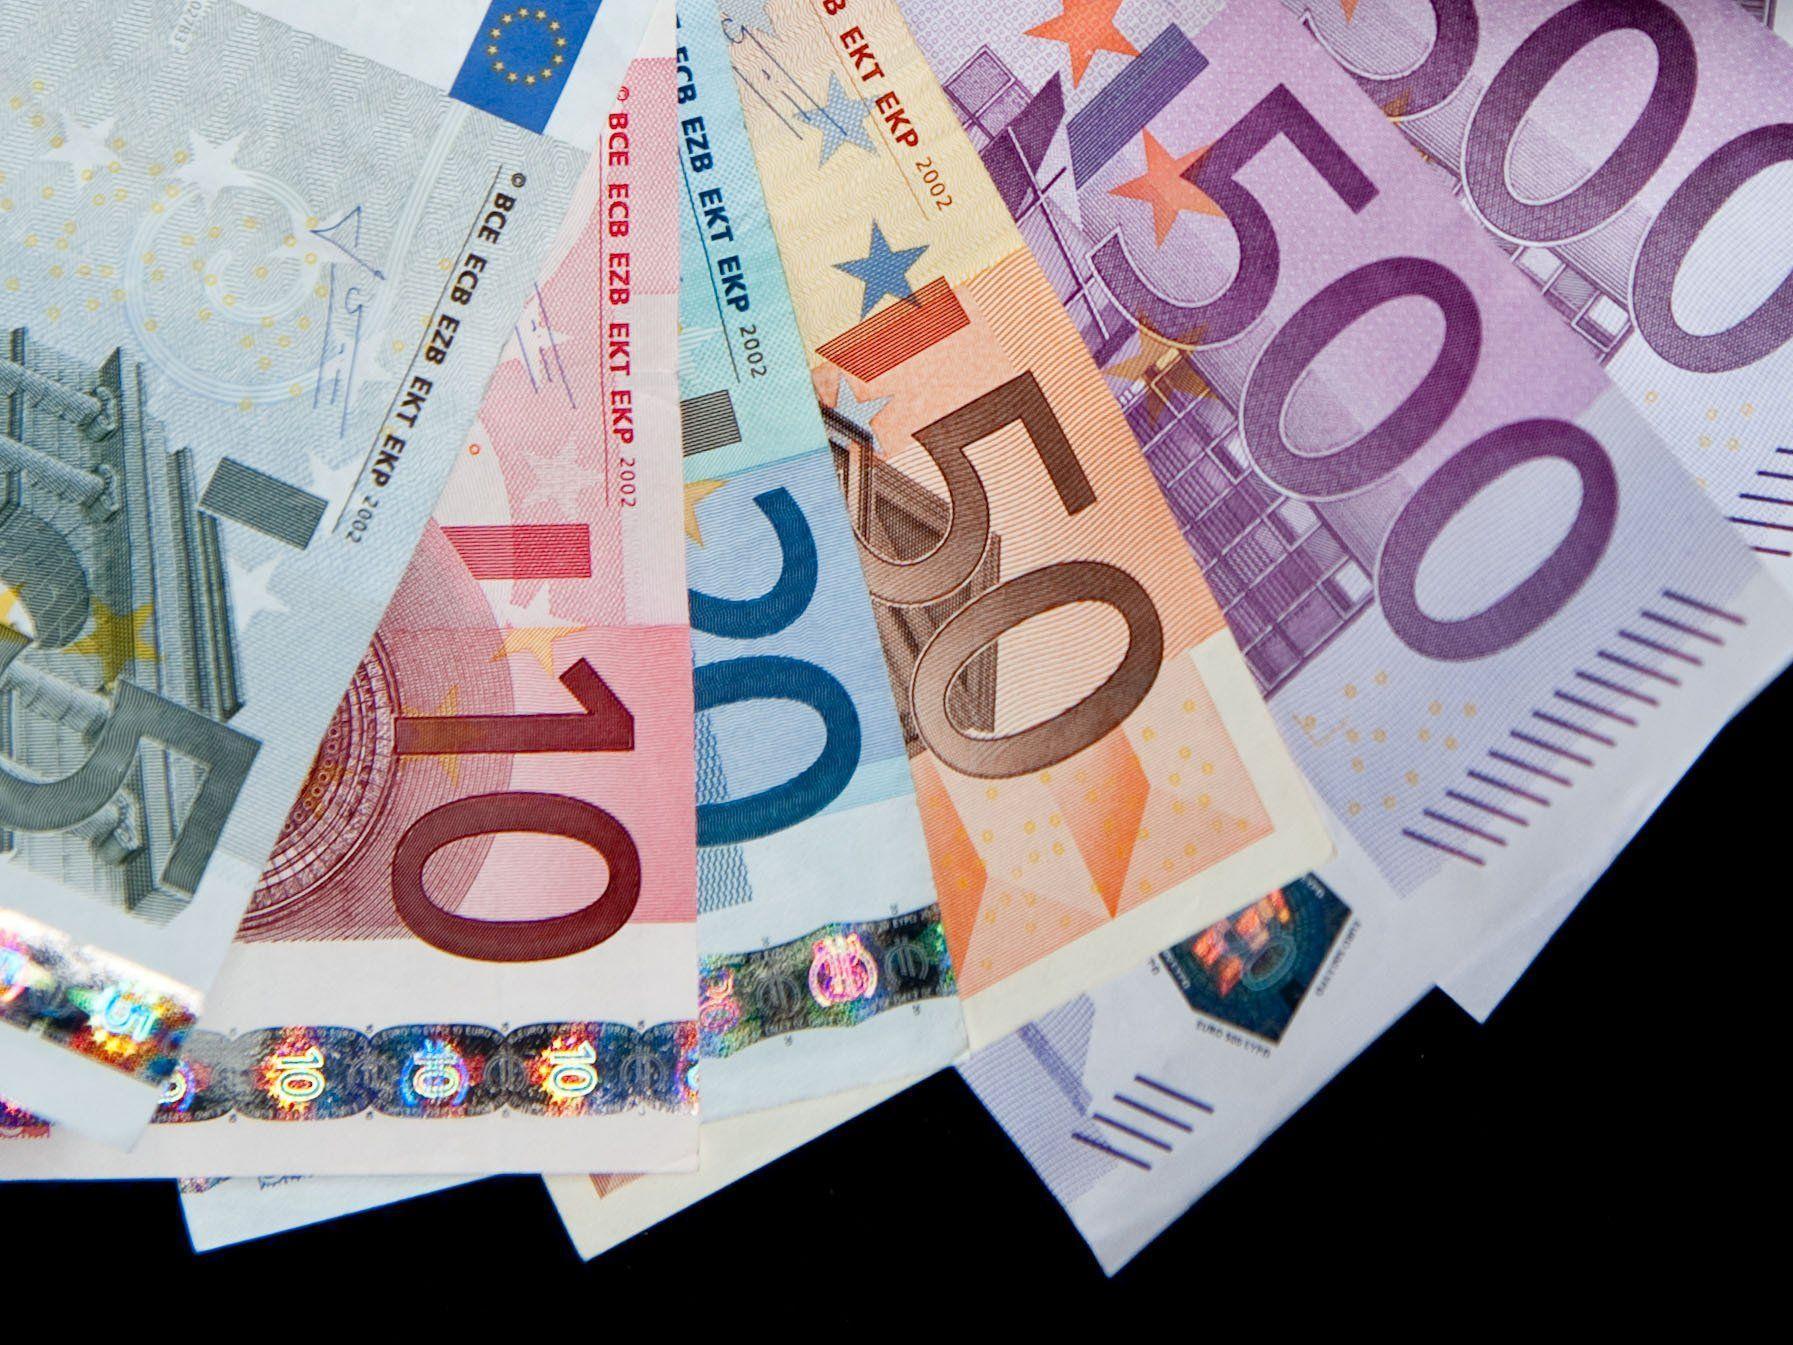 Bei den neuen Betrügermaschen werden oft nach mehrern Tausend Euro gefragt.